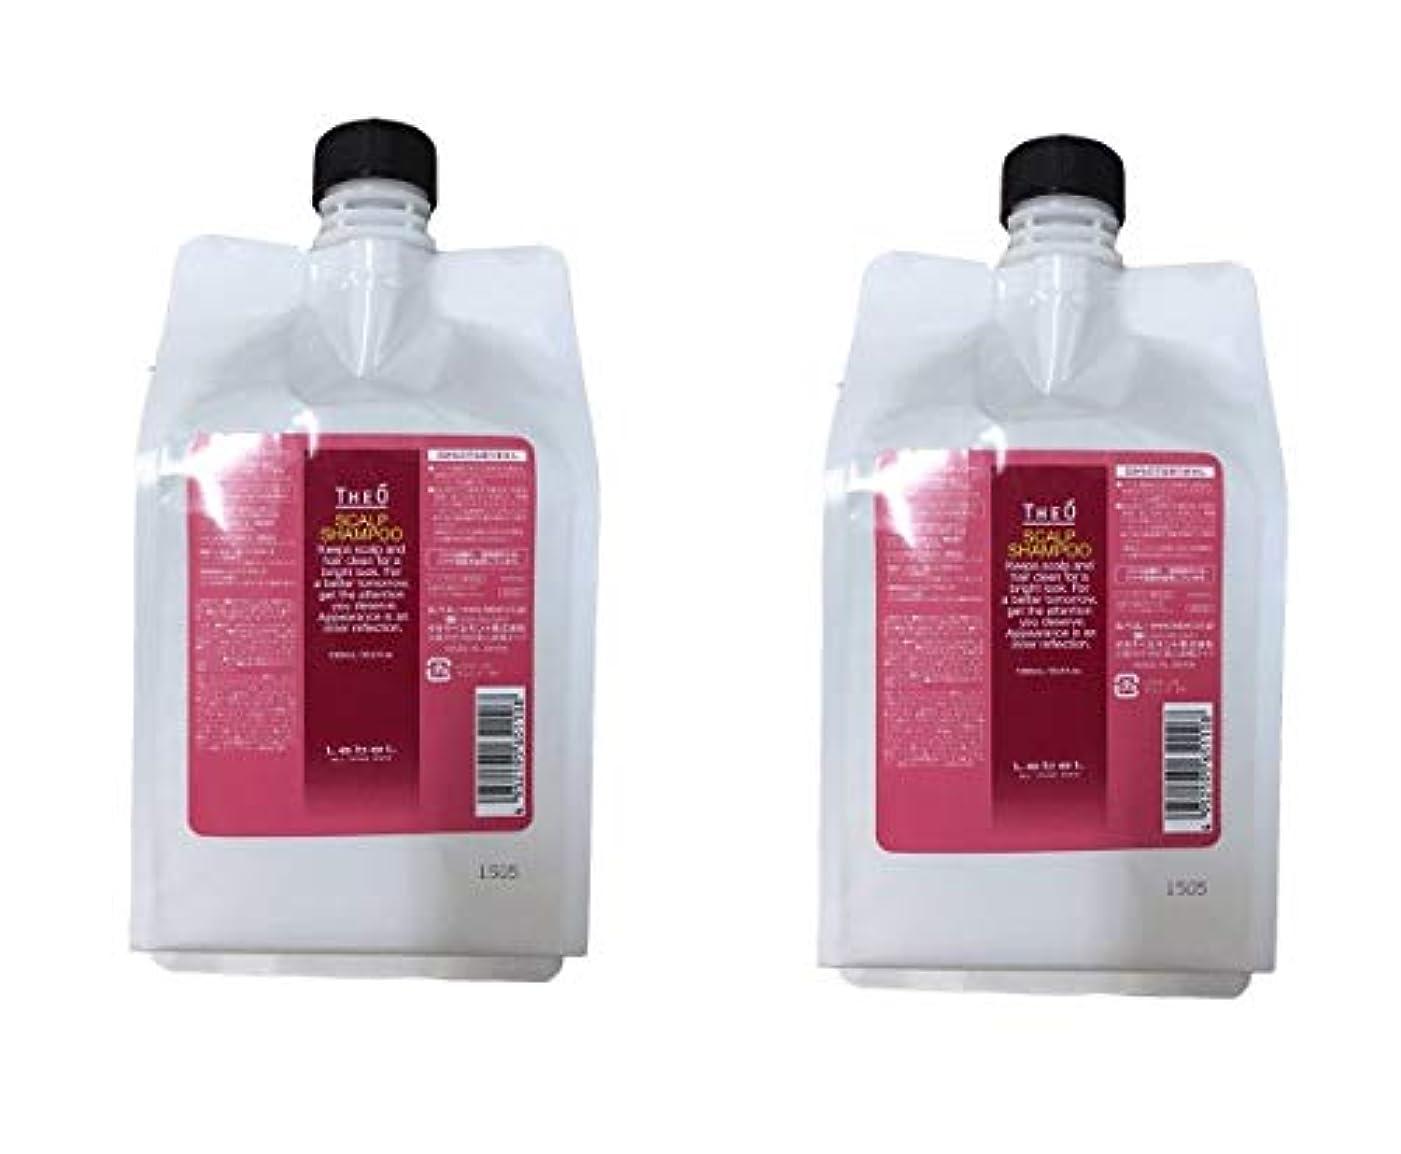 製品未満偉業【2個セット】ルベル ジオ スキャルプ シャンプー 1000ml レフィル 赤パッケージ